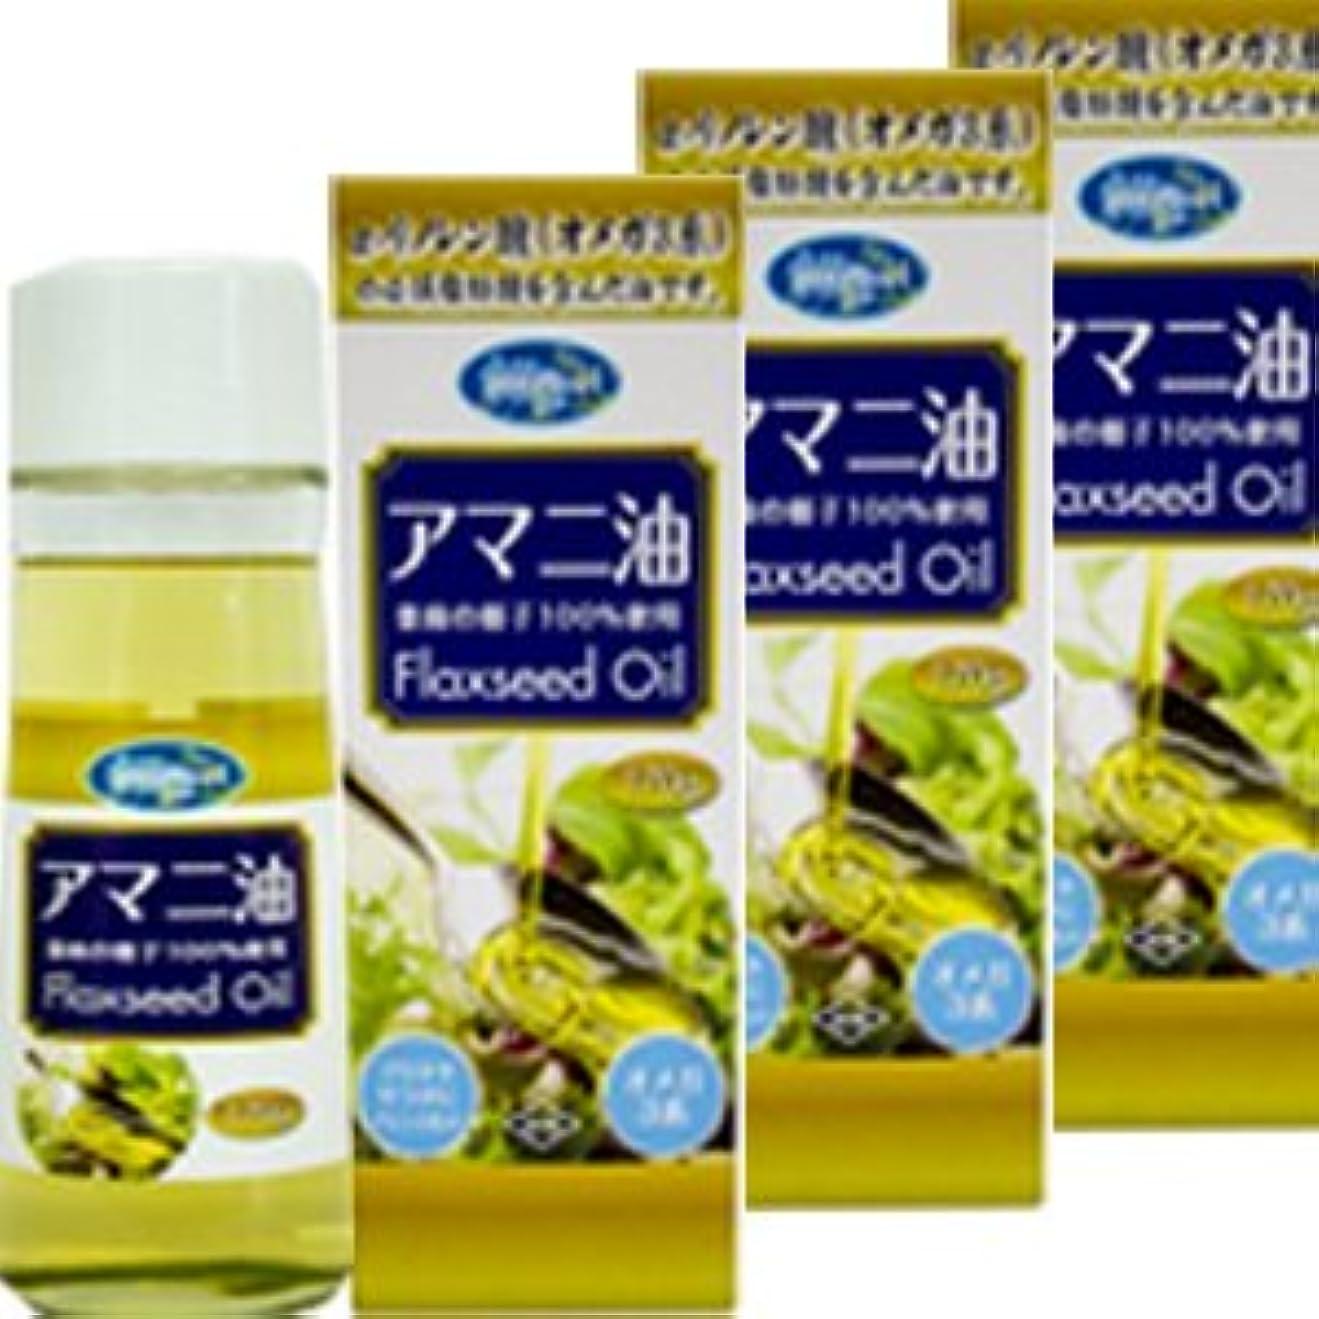 南試験最適朝日 アマニ油 170g 3本セット